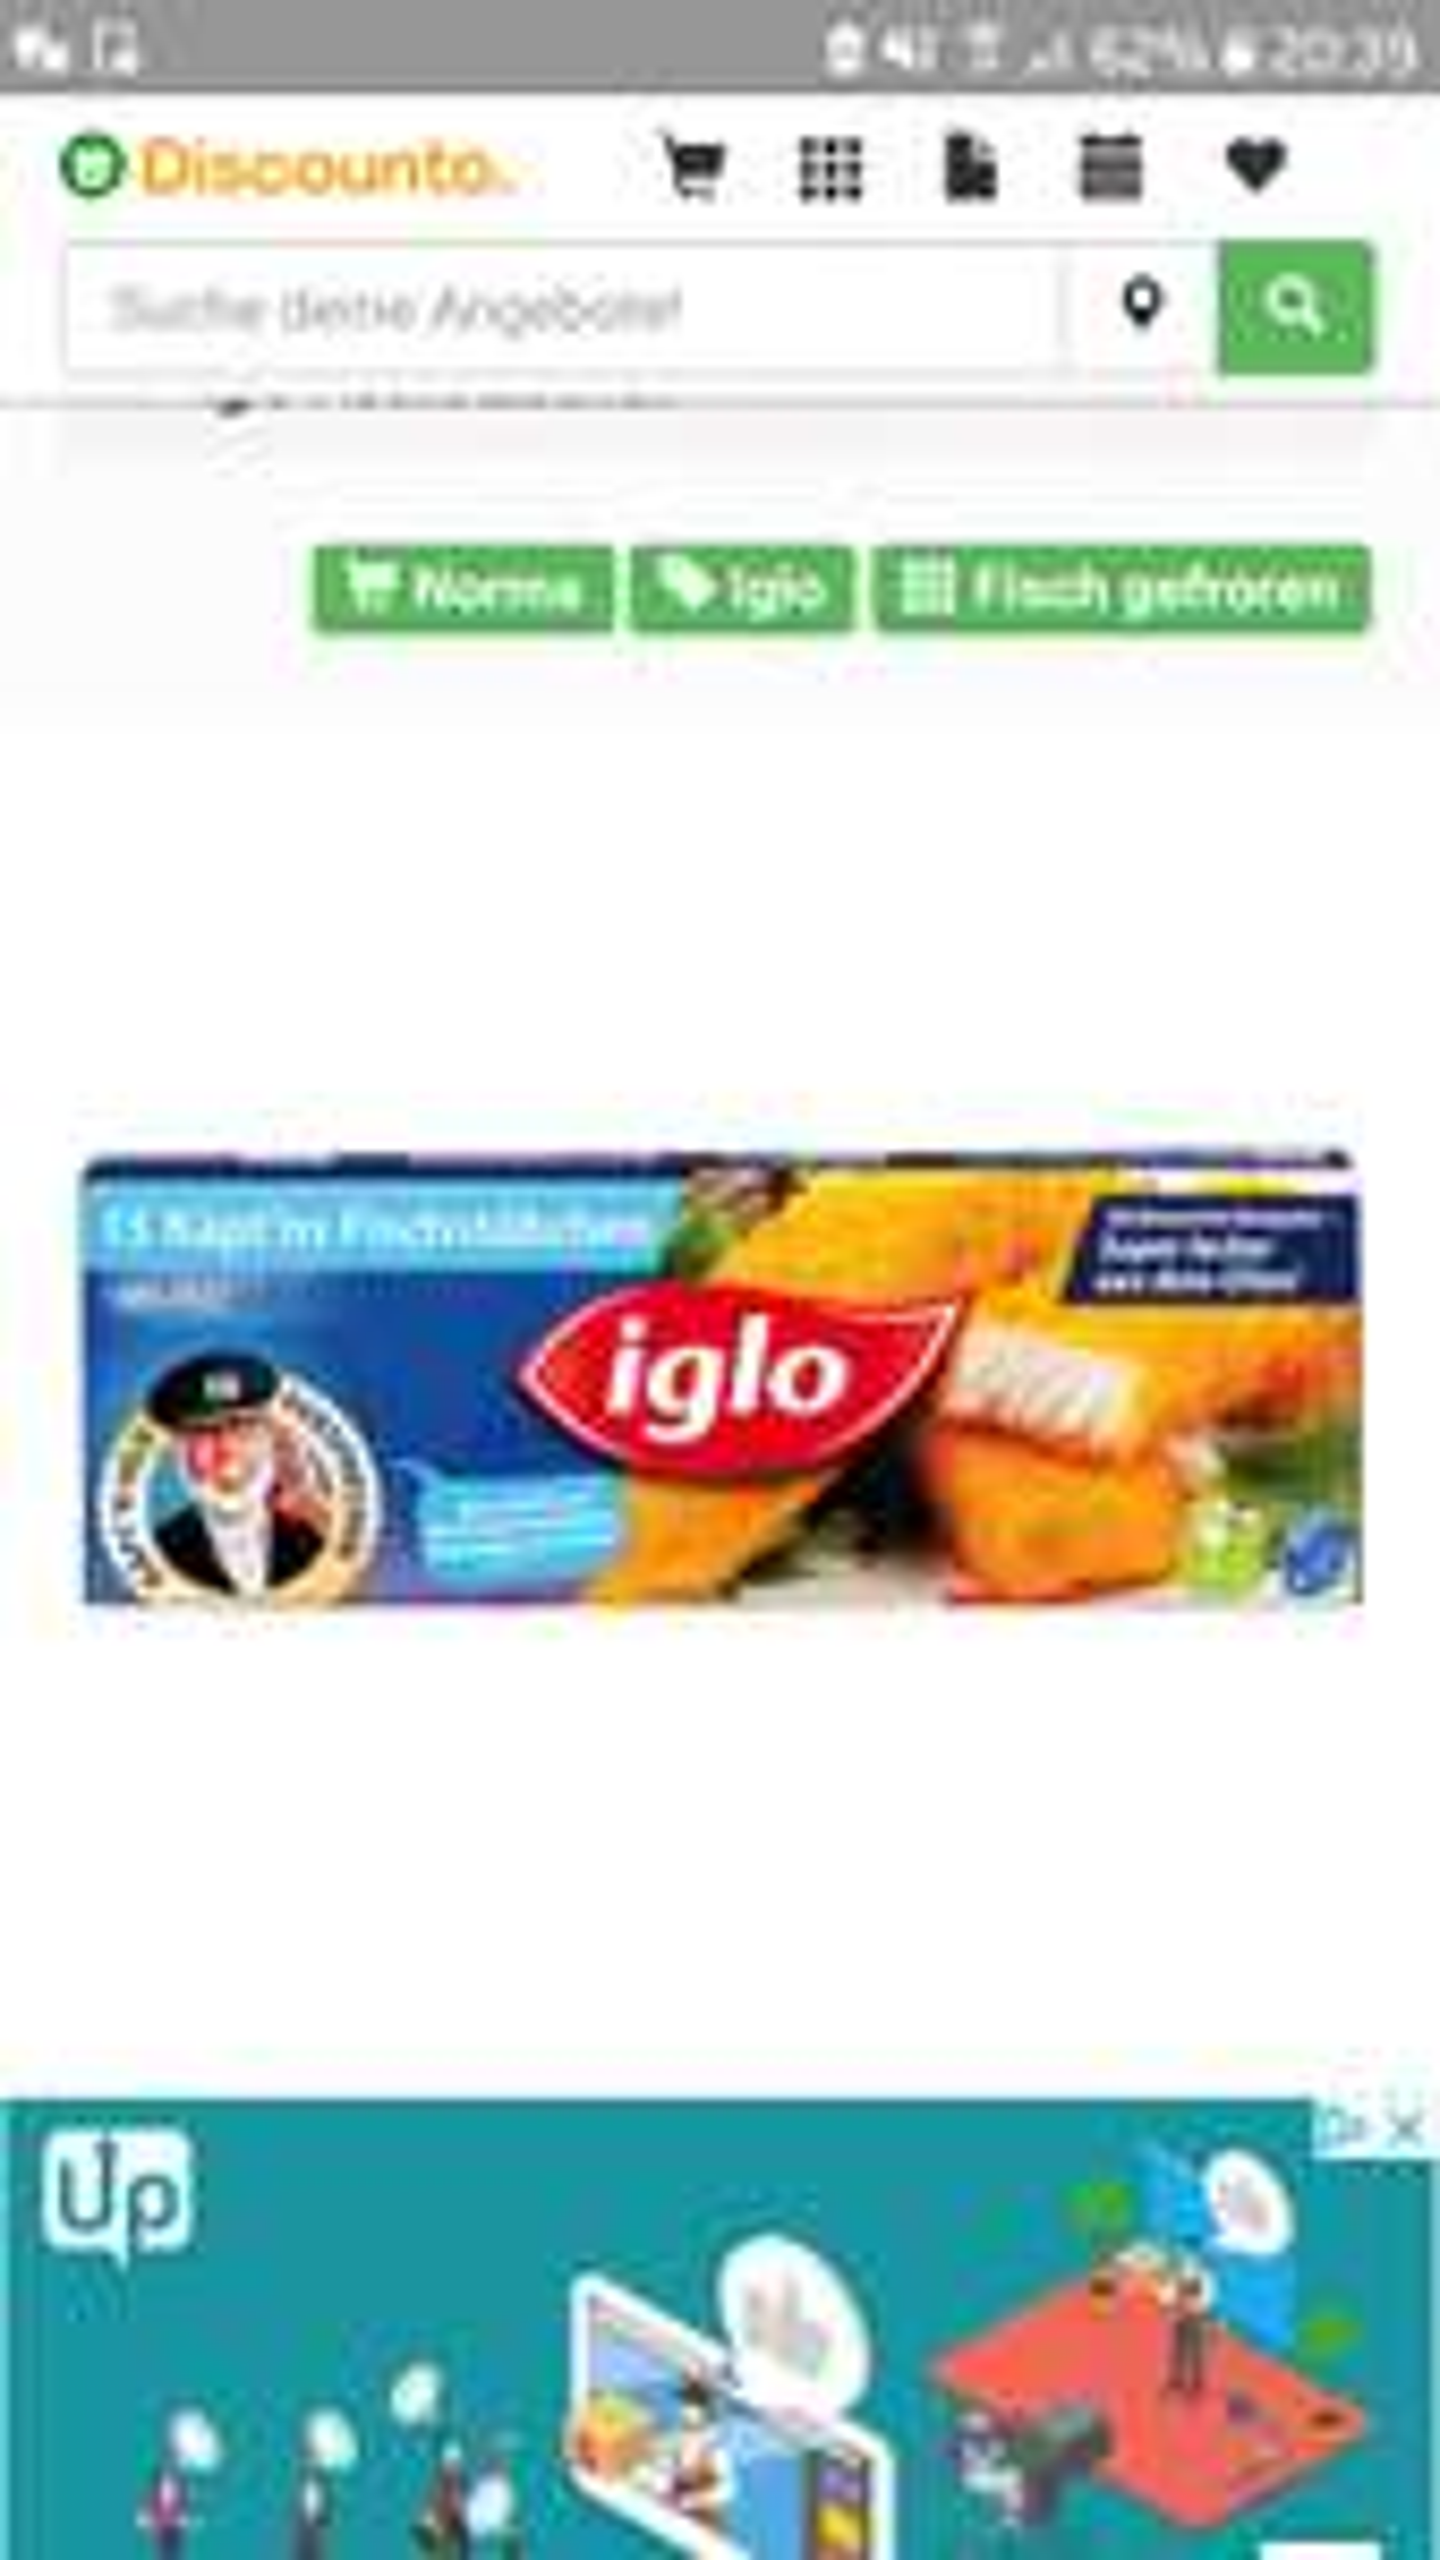 Lidl Iglo Fisch- und Backfisch-stäbchen 12. Bis 17.11